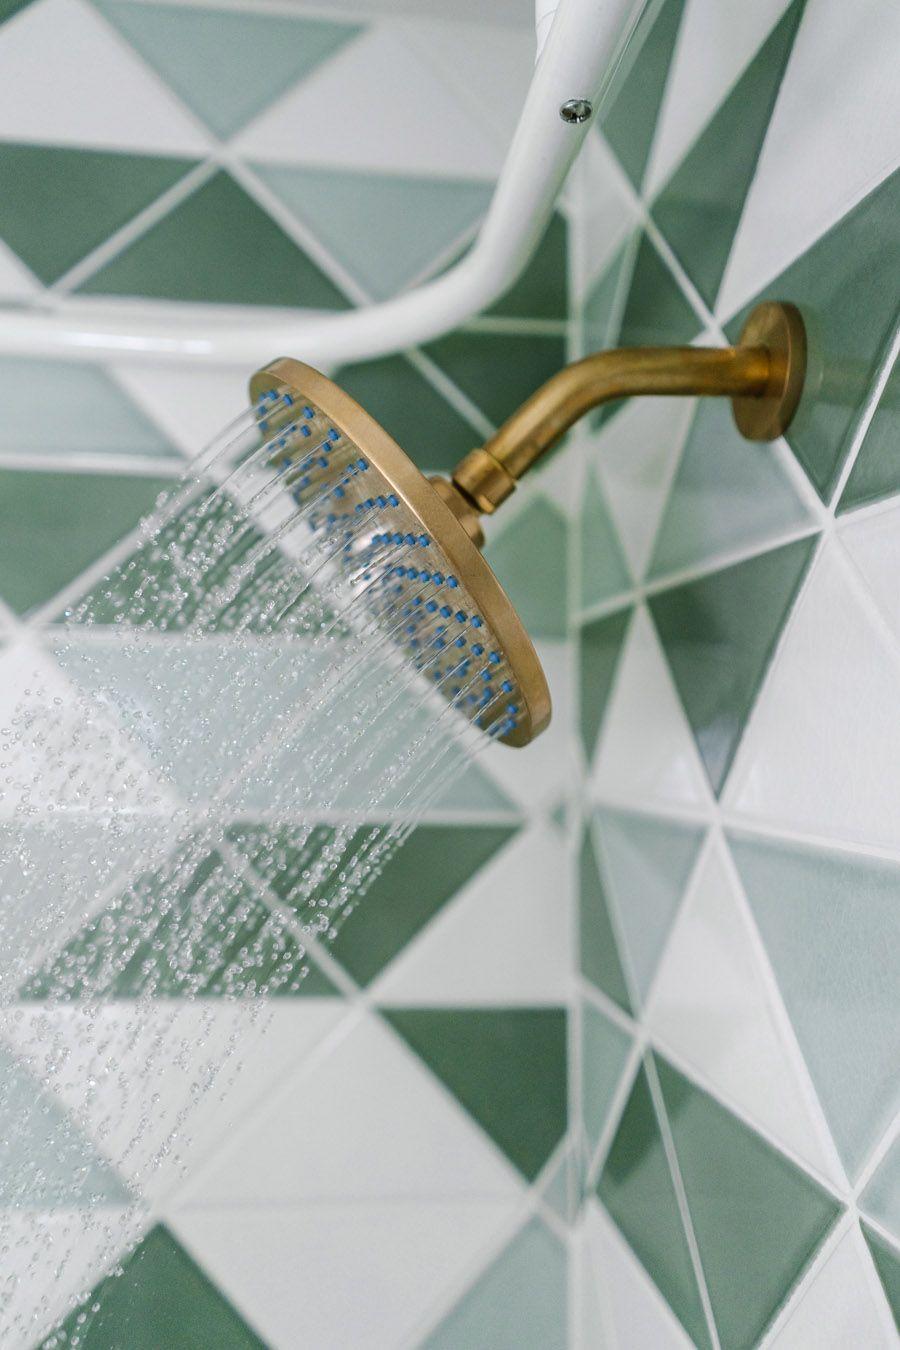 Piastrelle bagno giorno | My home // bathrooms | Pinterest | Bagno ...